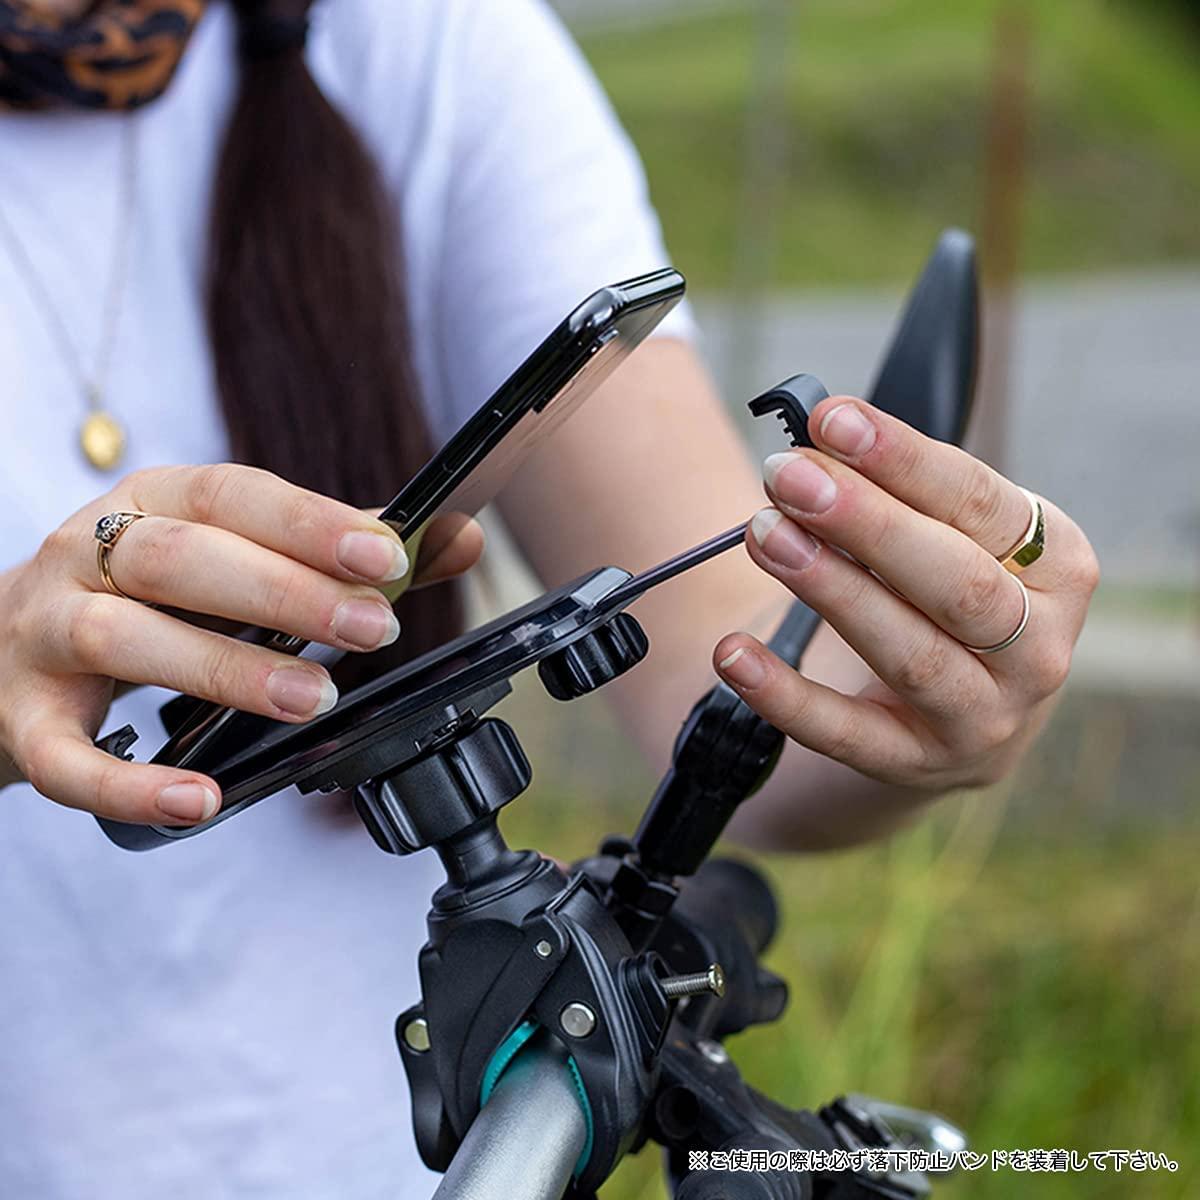 f:id:bikeinfobu:20210902164853j:plain